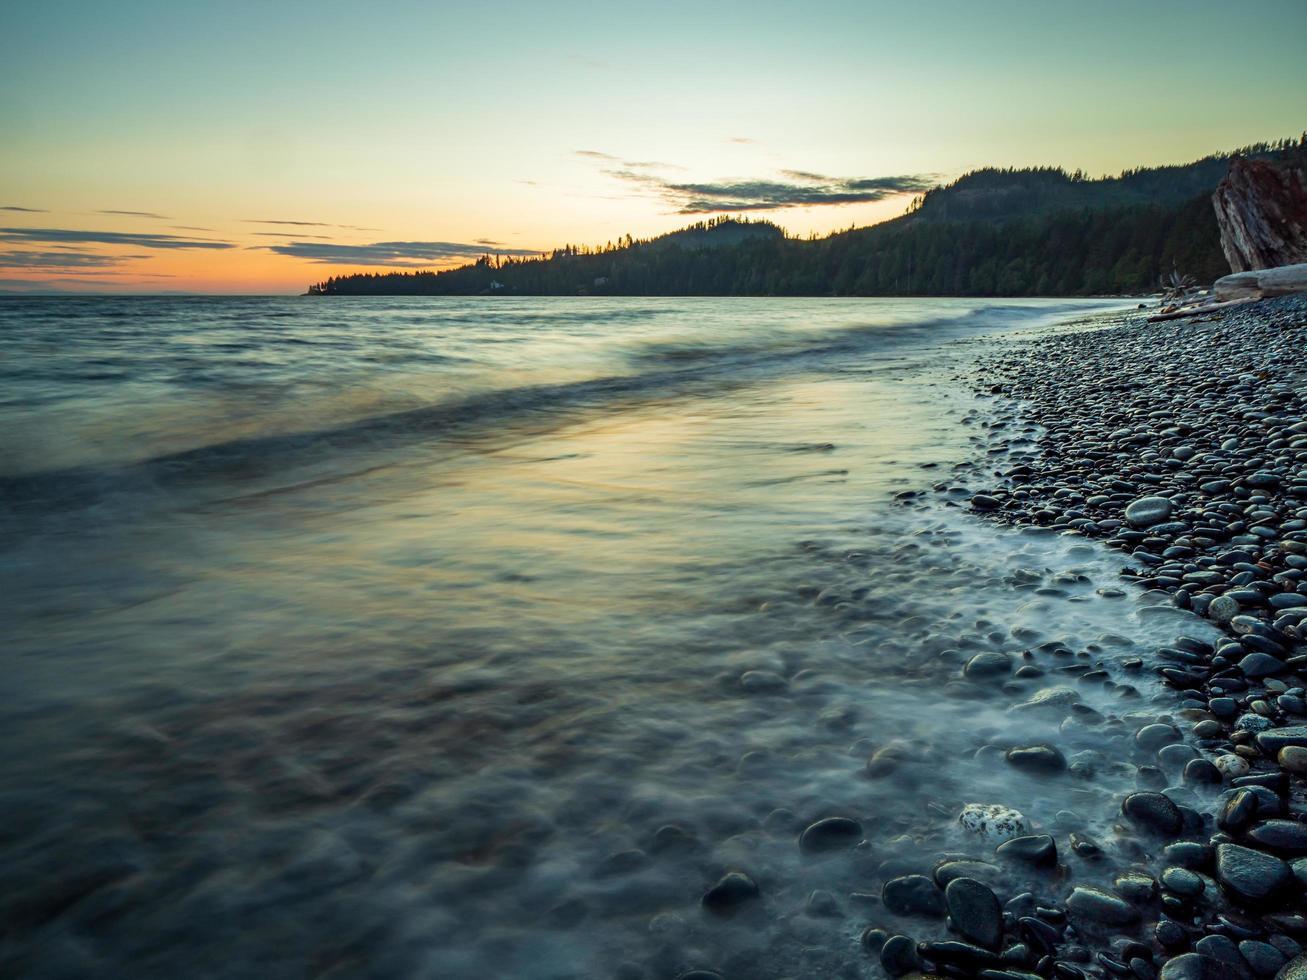 spiaggia rocciosa con montagne foto